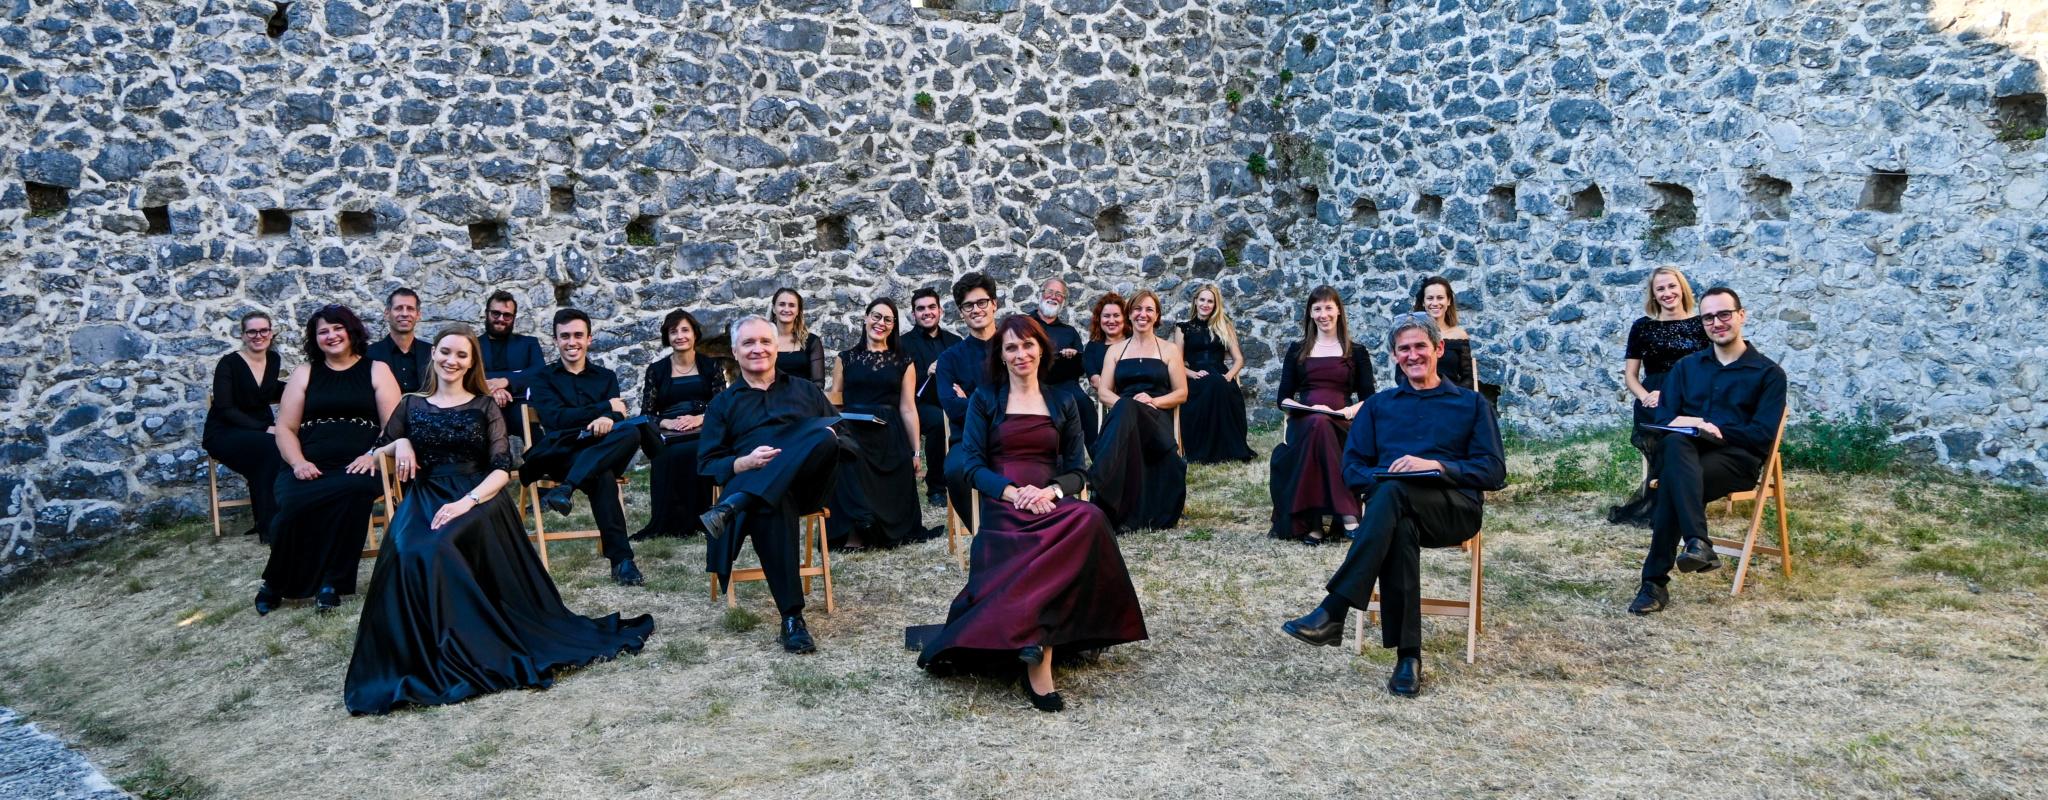 Bliža se 14. Mednarodni zborovski festival Koper